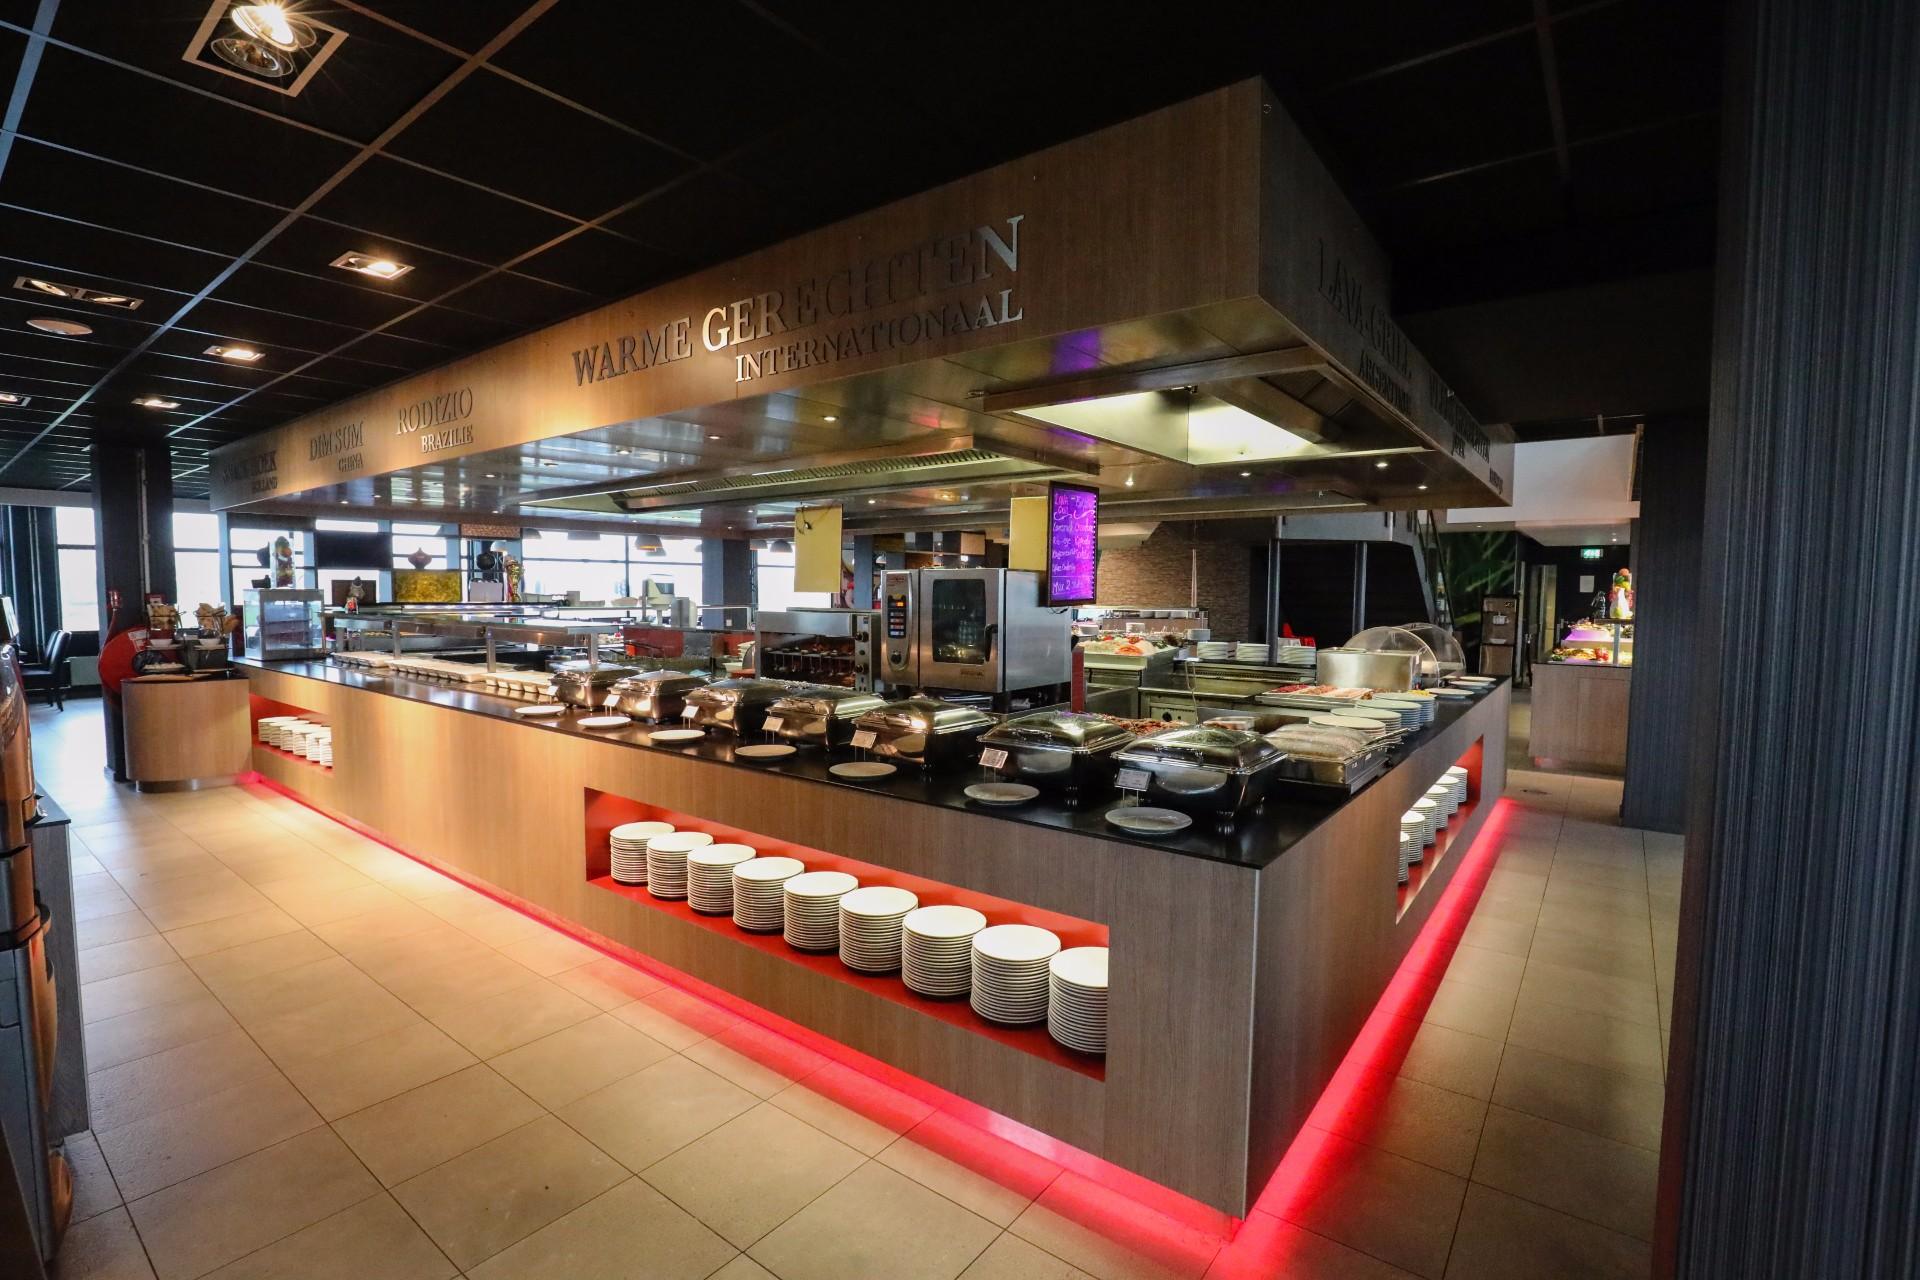 Impressie restaurant onderweg almere - Open keuken bar ...